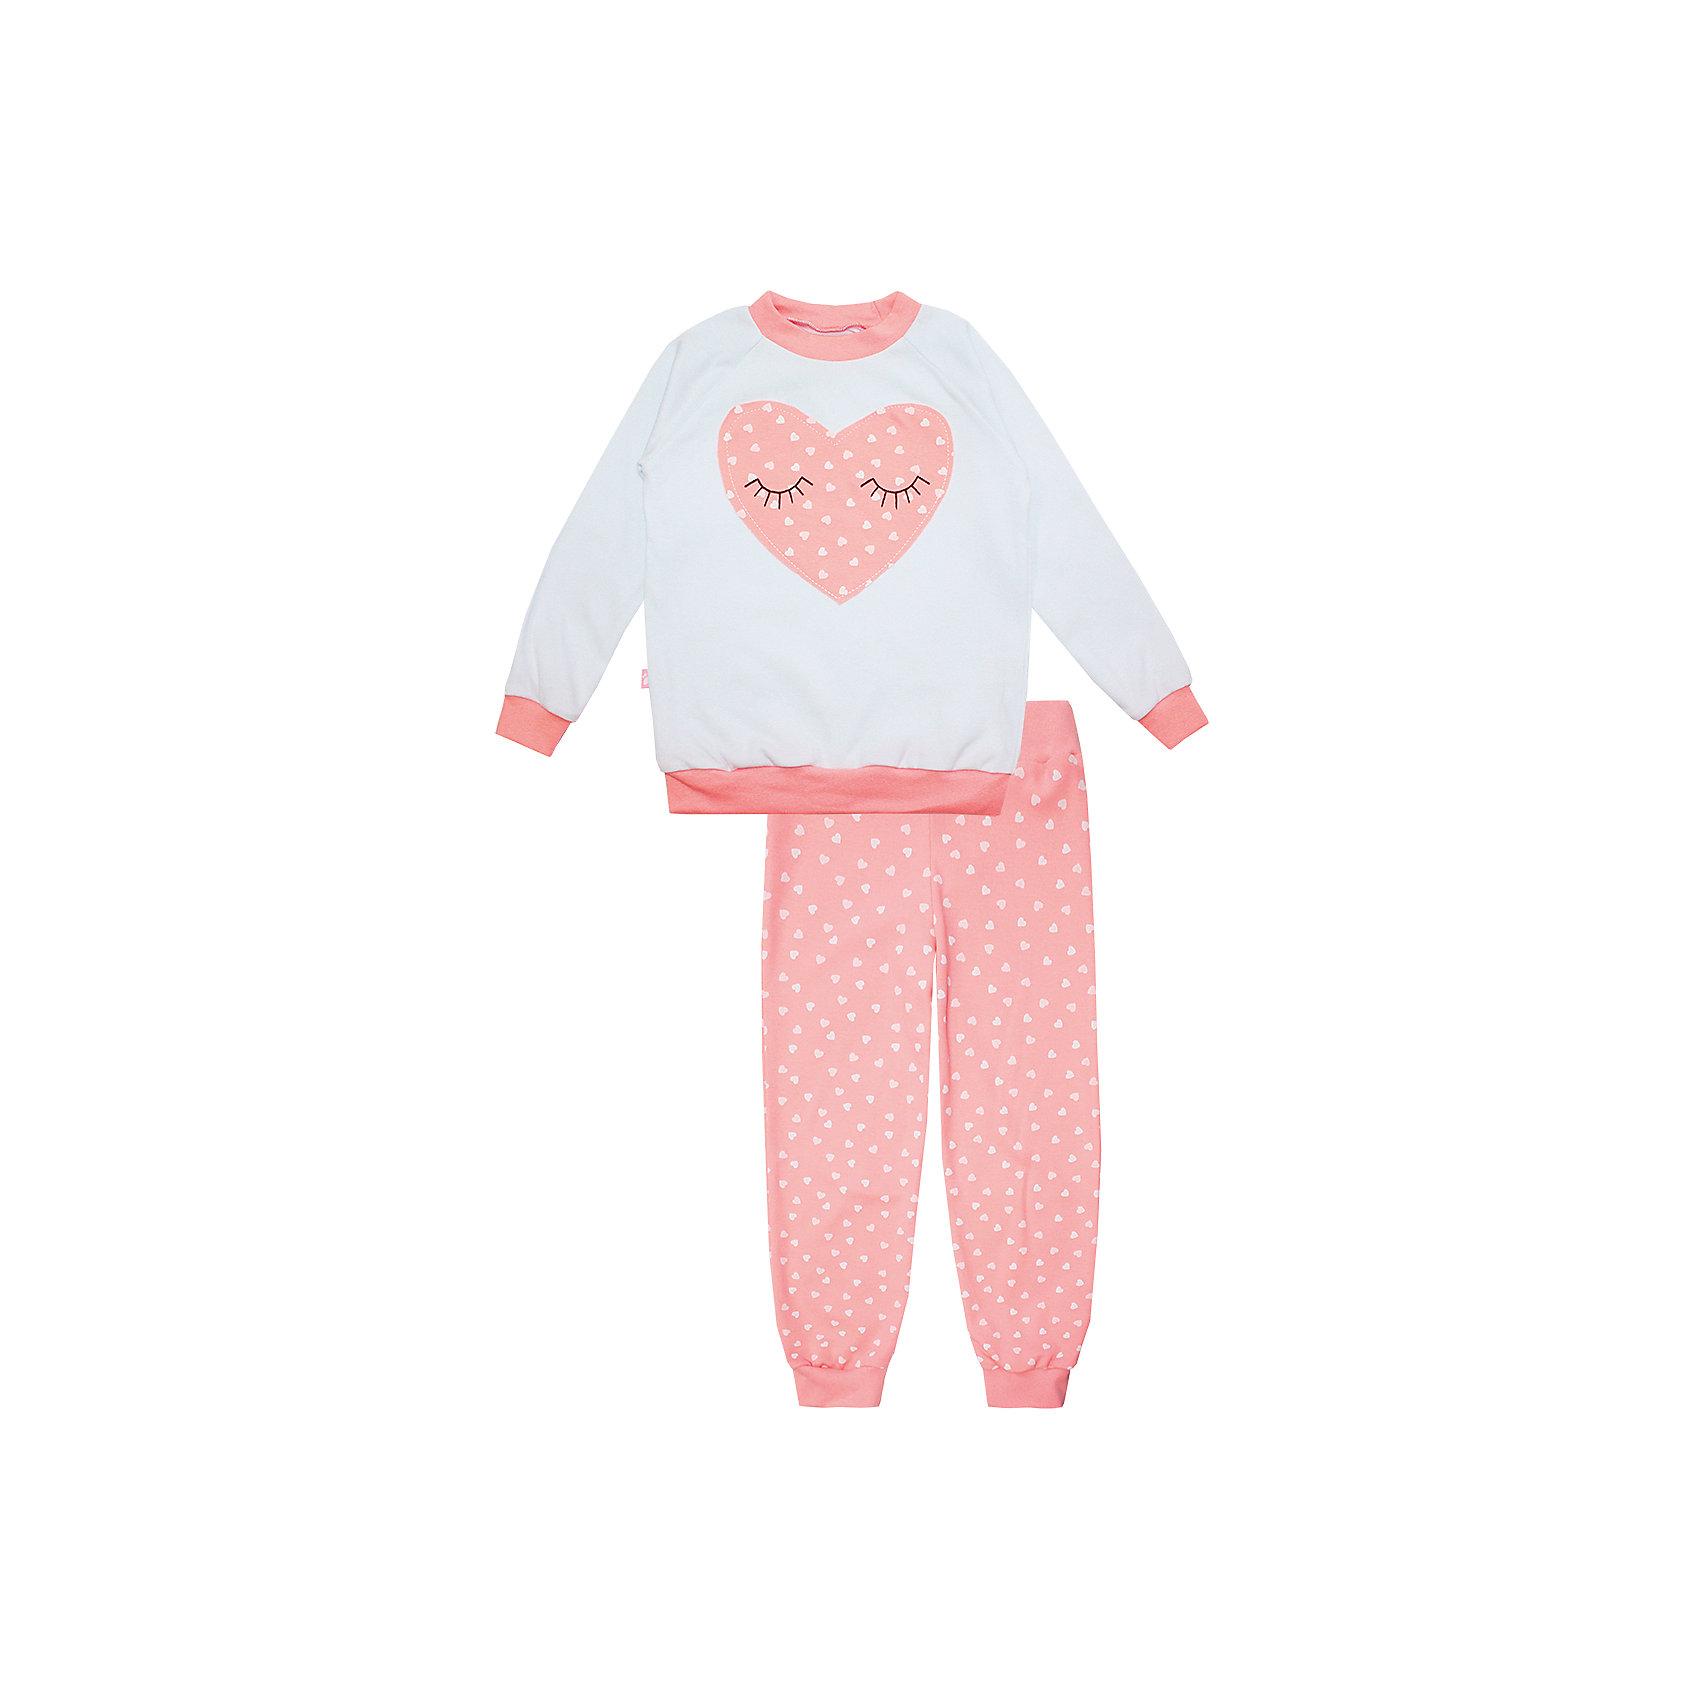 Пижама: футболка с длинным рукавом и штаны для девочки KotMarKotПижамы и сорочки<br>Пижама: футболка с длинным рукавом и штаны для девочки от известного бренда KotMarKot<br>Состав:<br>100% хлопок<br><br>Ширина мм: 281<br>Глубина мм: 70<br>Высота мм: 188<br>Вес г: 295<br>Цвет: розовый<br>Возраст от месяцев: 60<br>Возраст до месяцев: 72<br>Пол: Женский<br>Возраст: Детский<br>Размер: 116,110,128,134,122,104<br>SKU: 4873311